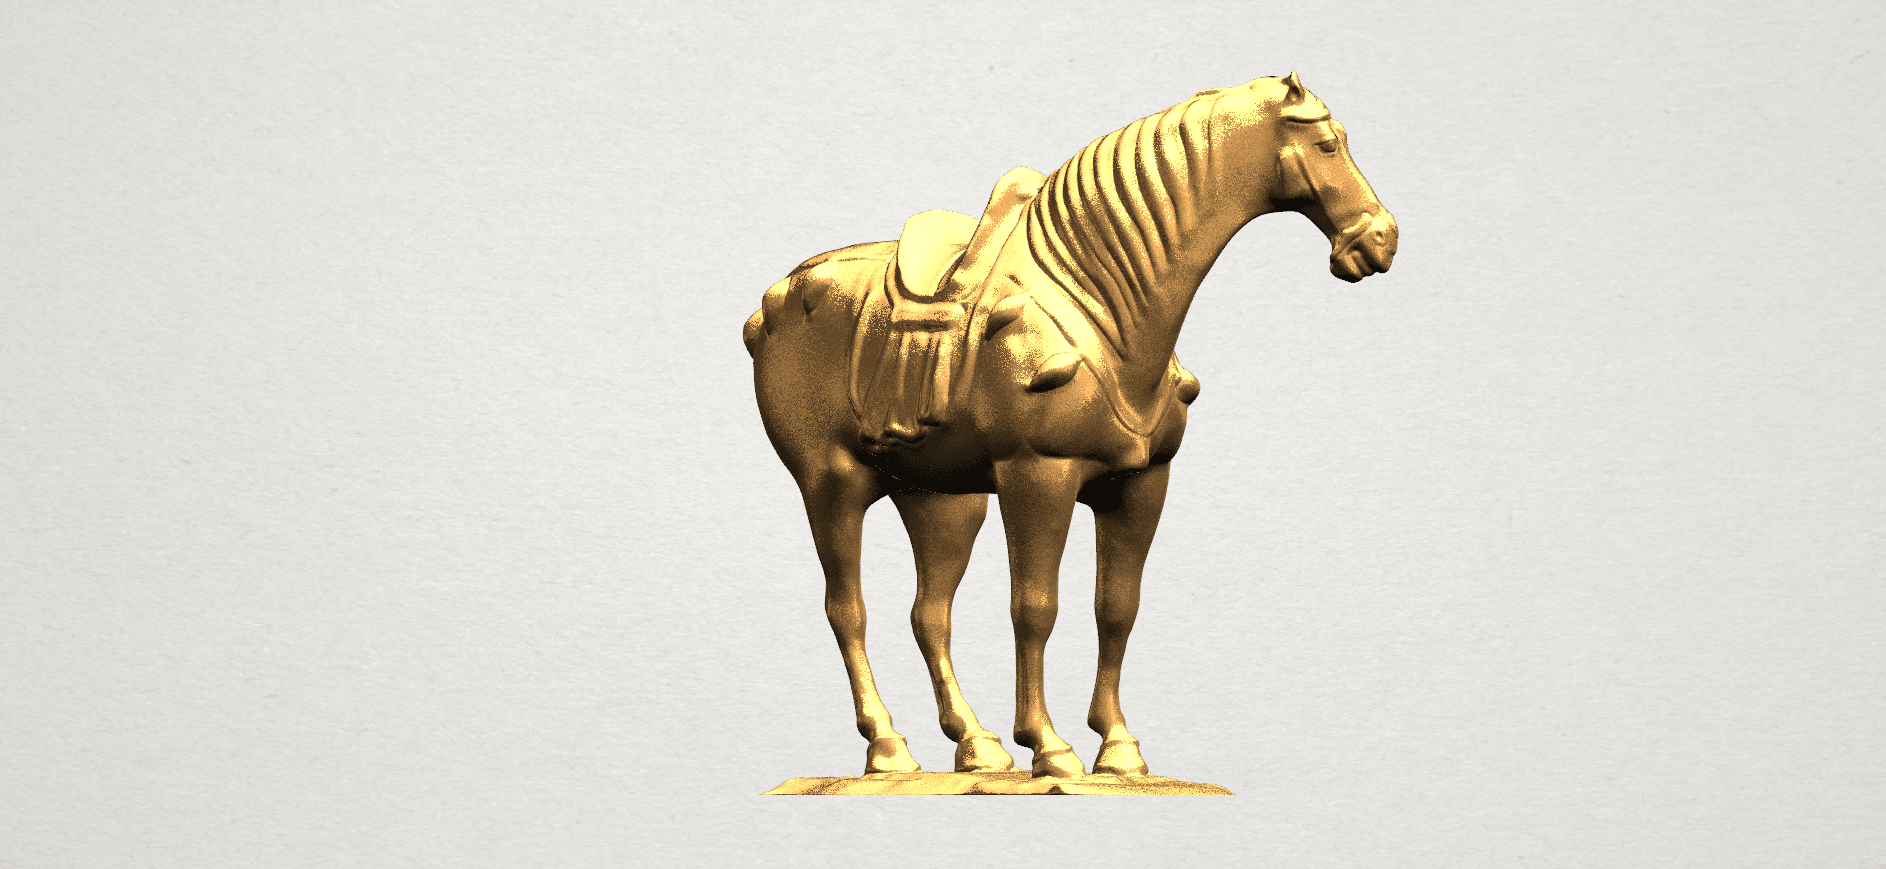 Horse (iv) A06.png Télécharger fichier STL gratuit Cheval 04 • Design à imprimer en 3D, GeorgesNikkei